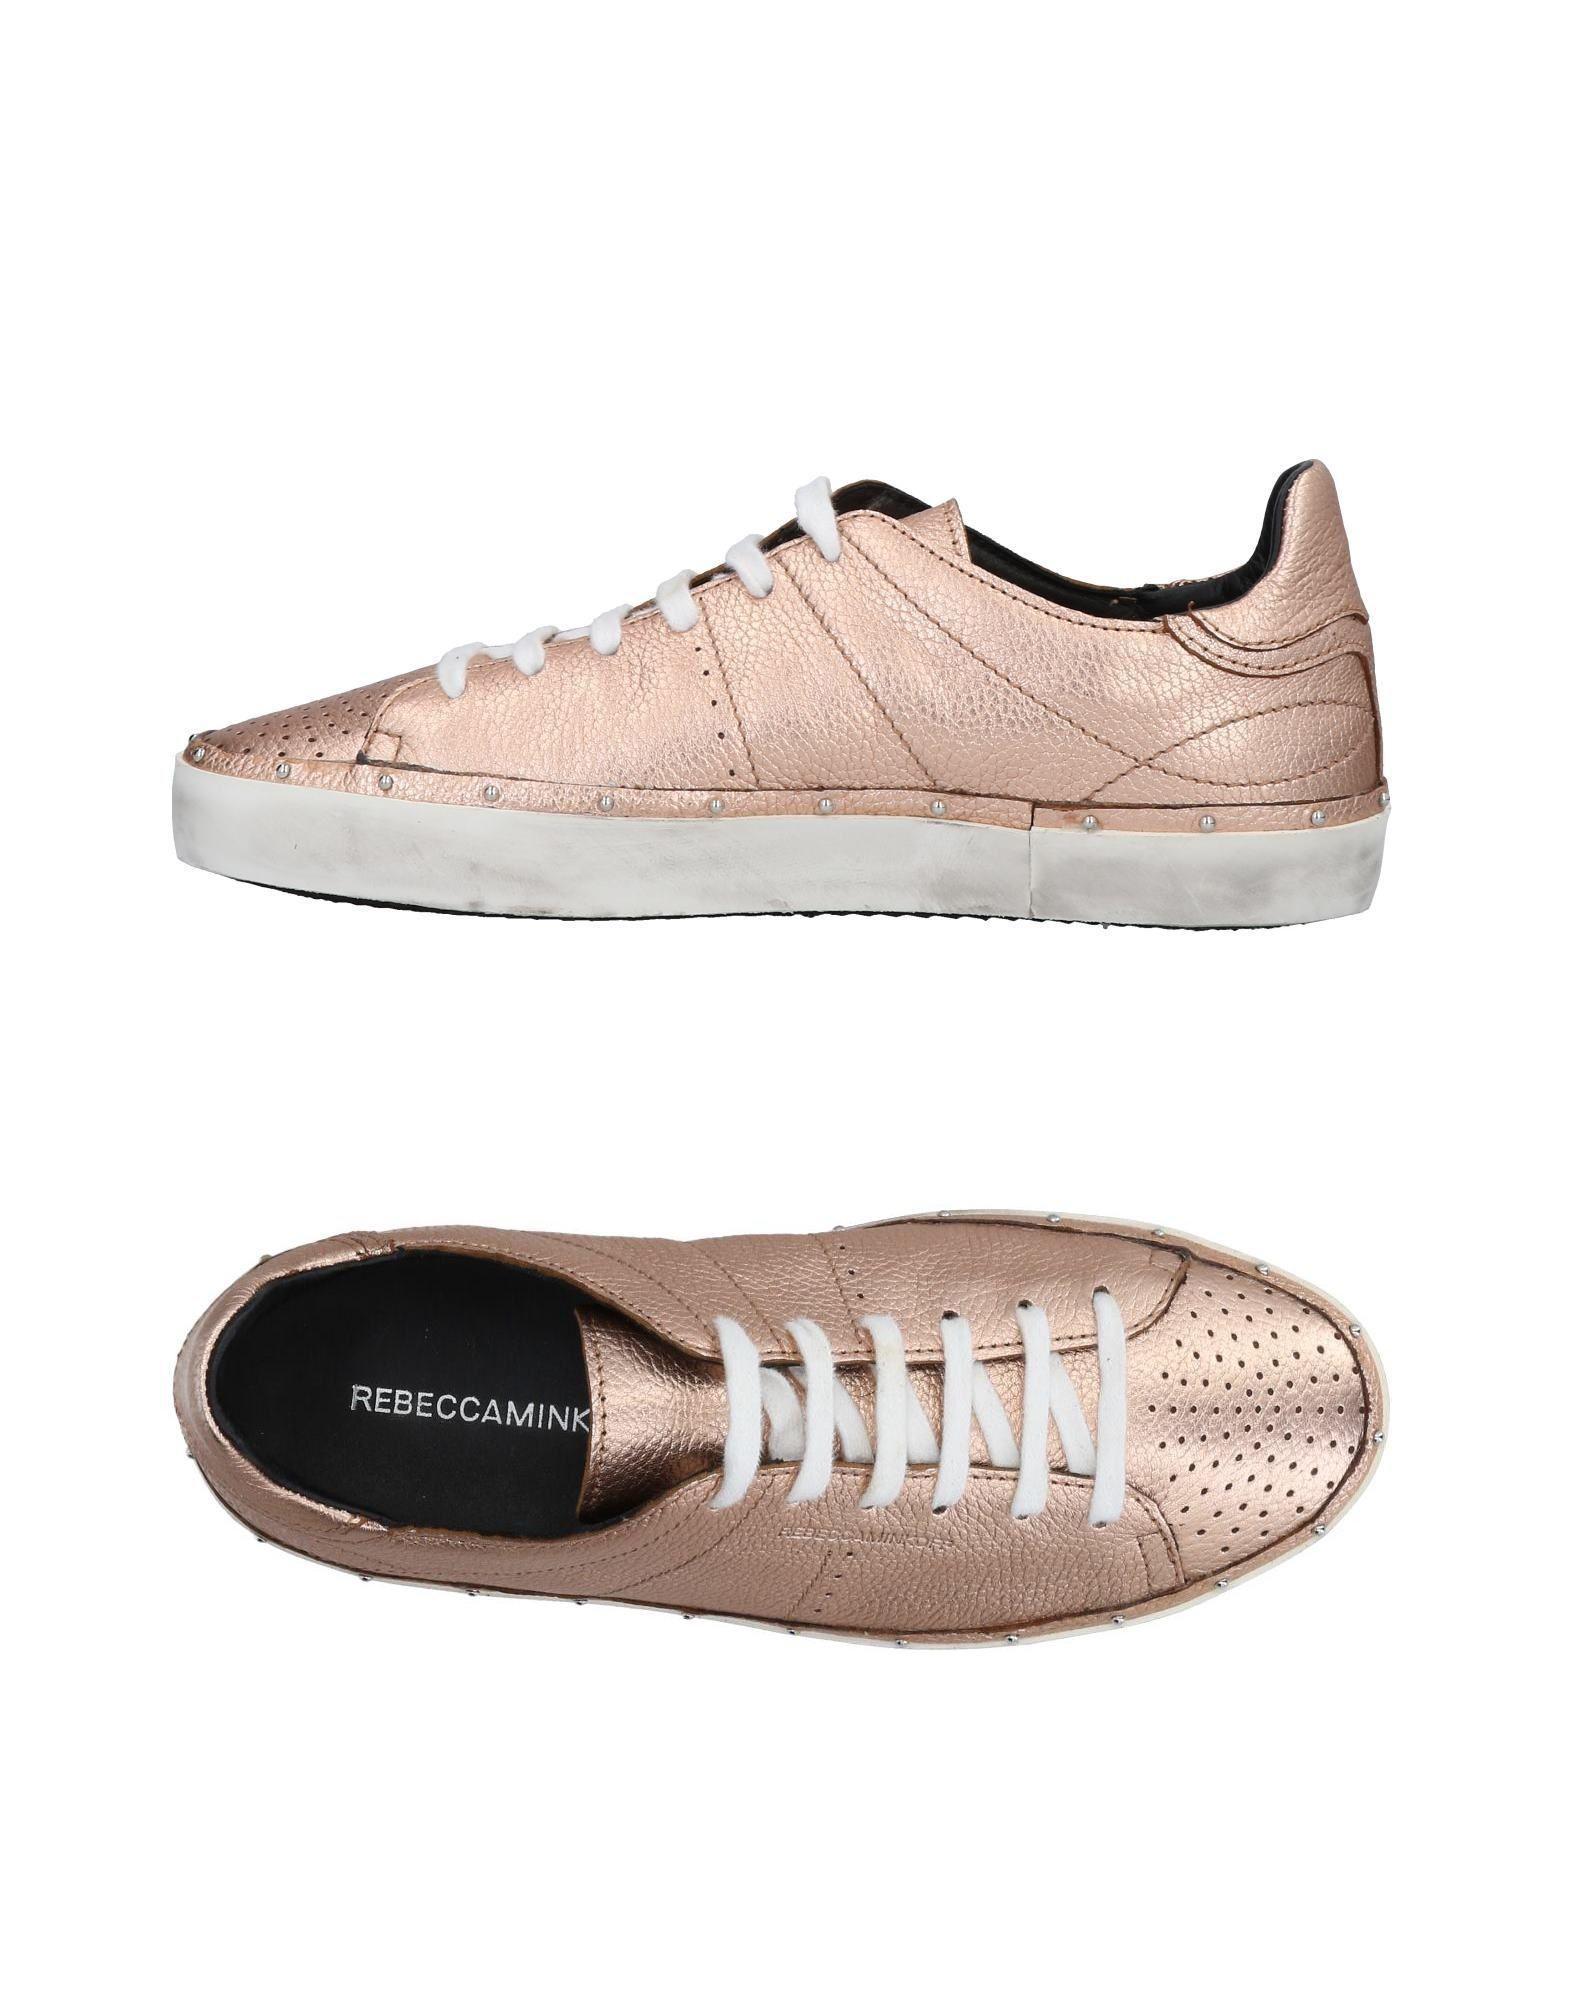 FOOTWEAR - Low-tops & sneakers Uri Minkoff IR66JX